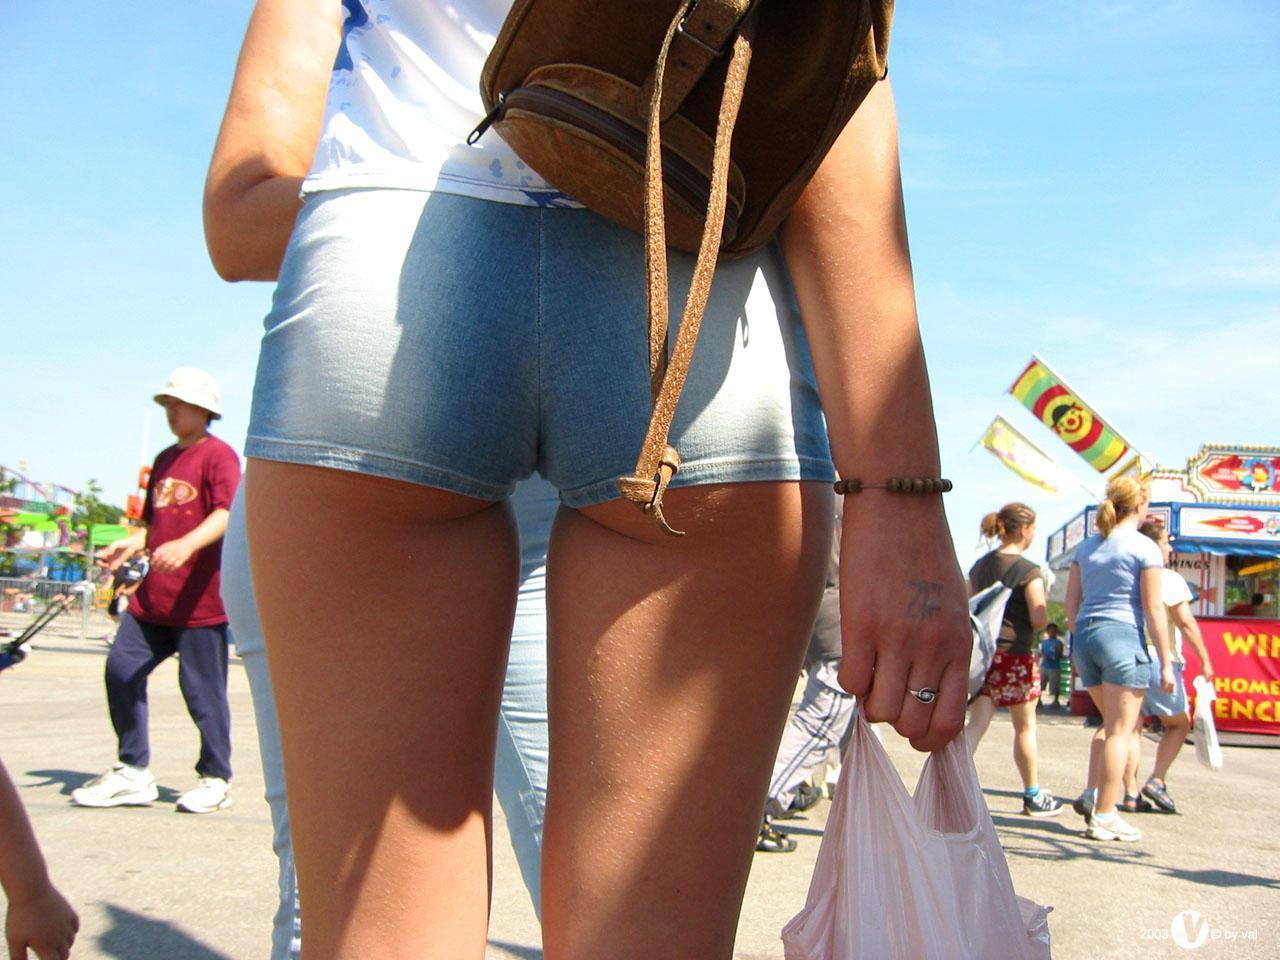 ホットパンツお尻が食い込み過ぎな外国人女性のエロ画像23枚・17枚目の画像